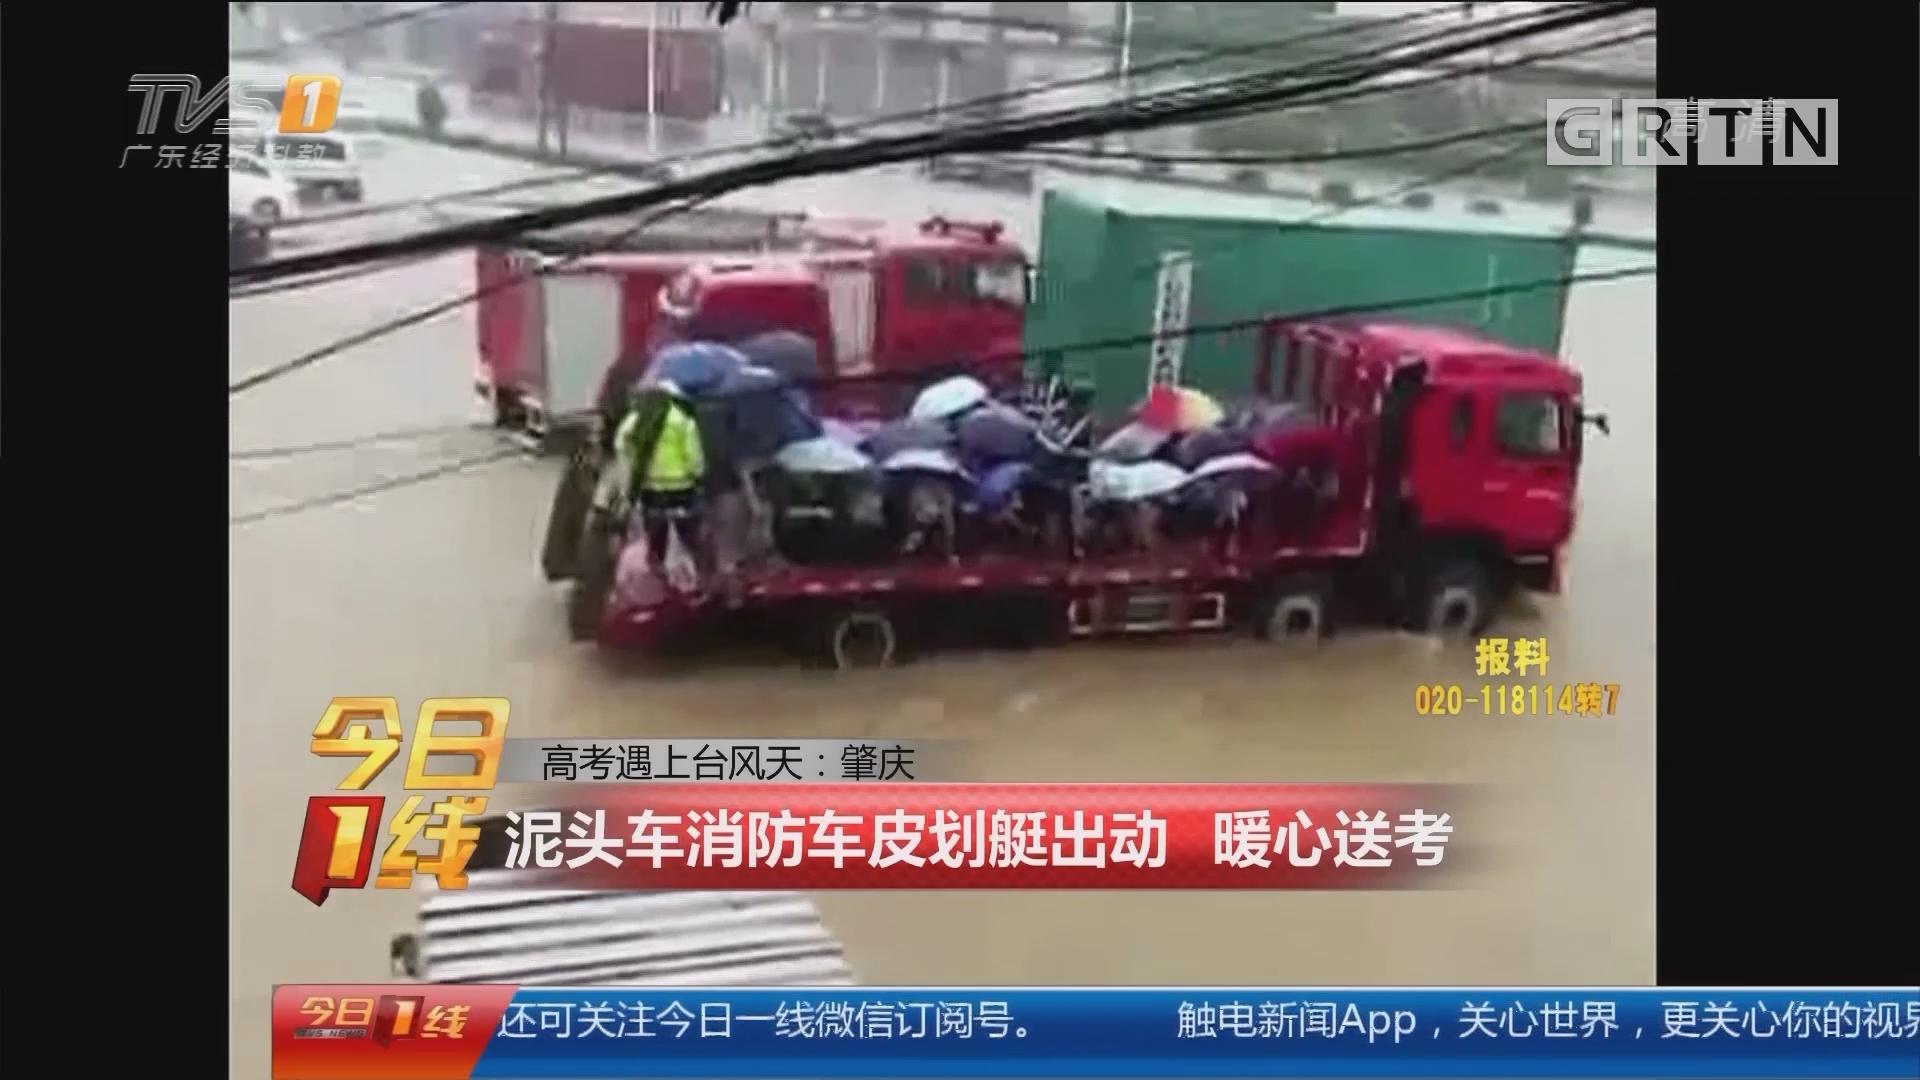 高考遇上台风天:肇庆 泥头车消防车皮划艇出动 暖心送考